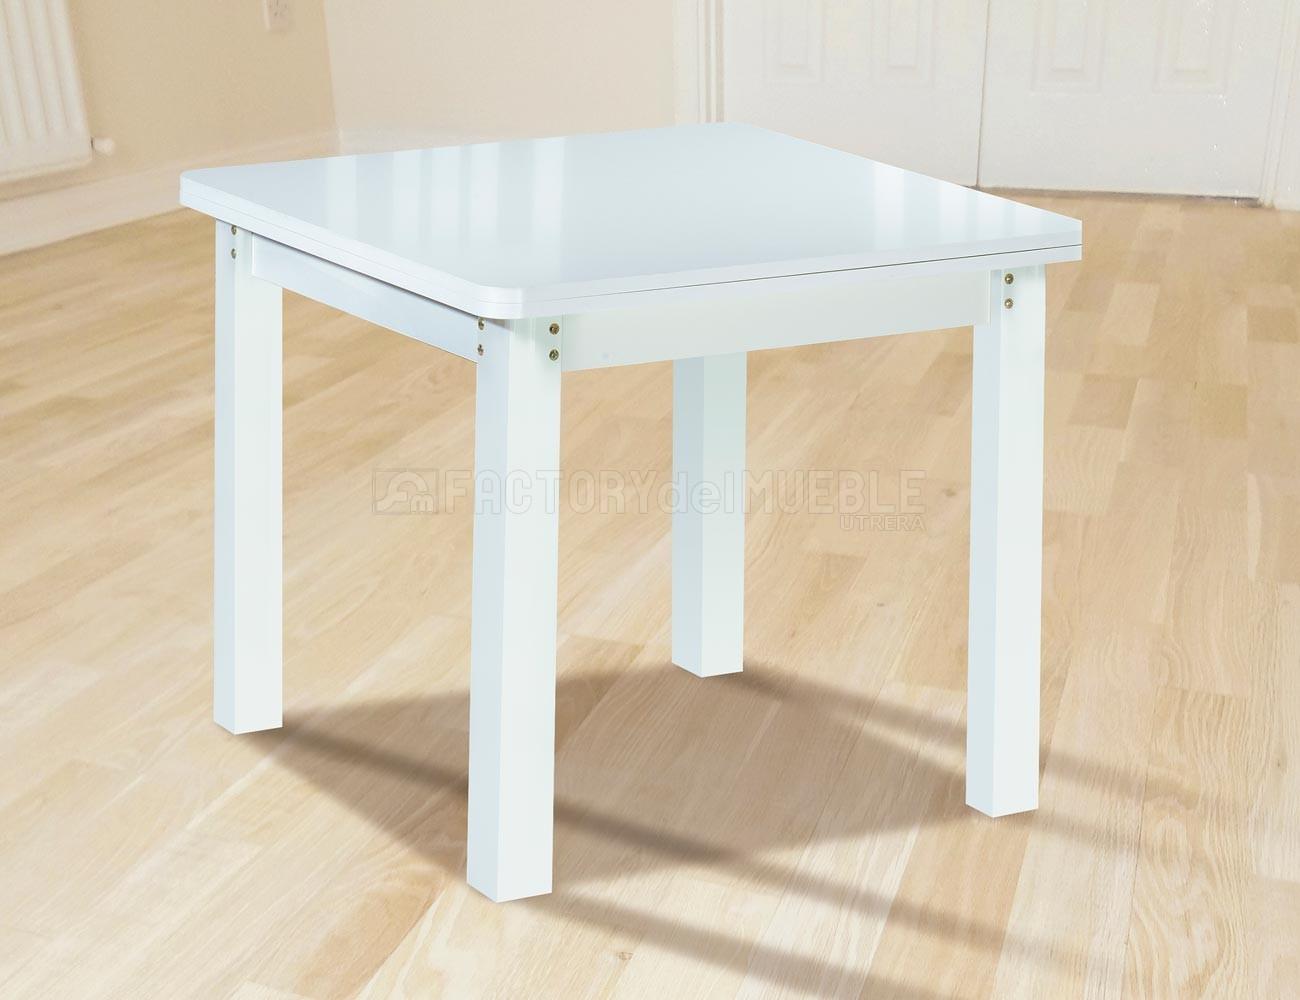 Mesa de comedor con apertura tipo libro (21827) | Factory del Mueble ...